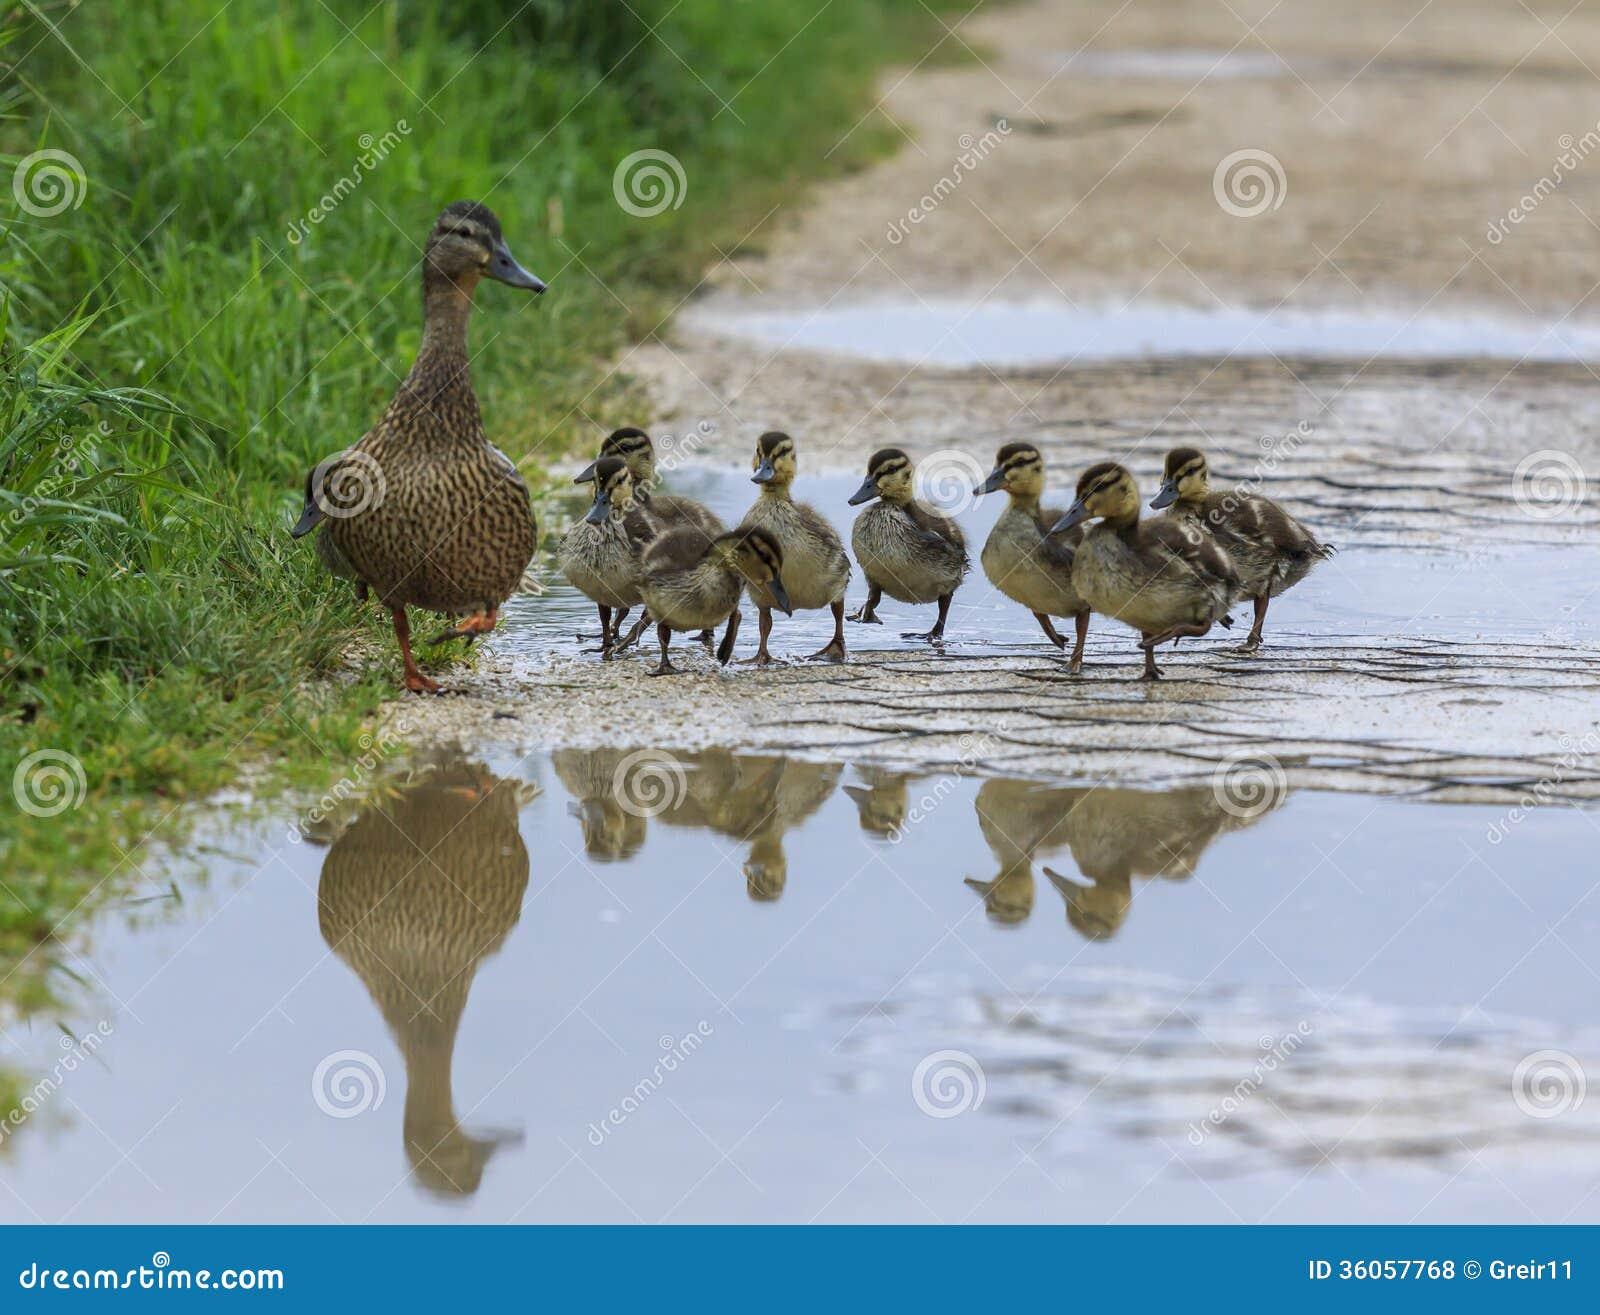 Pato y con los anadones que cruzan una trayectoria